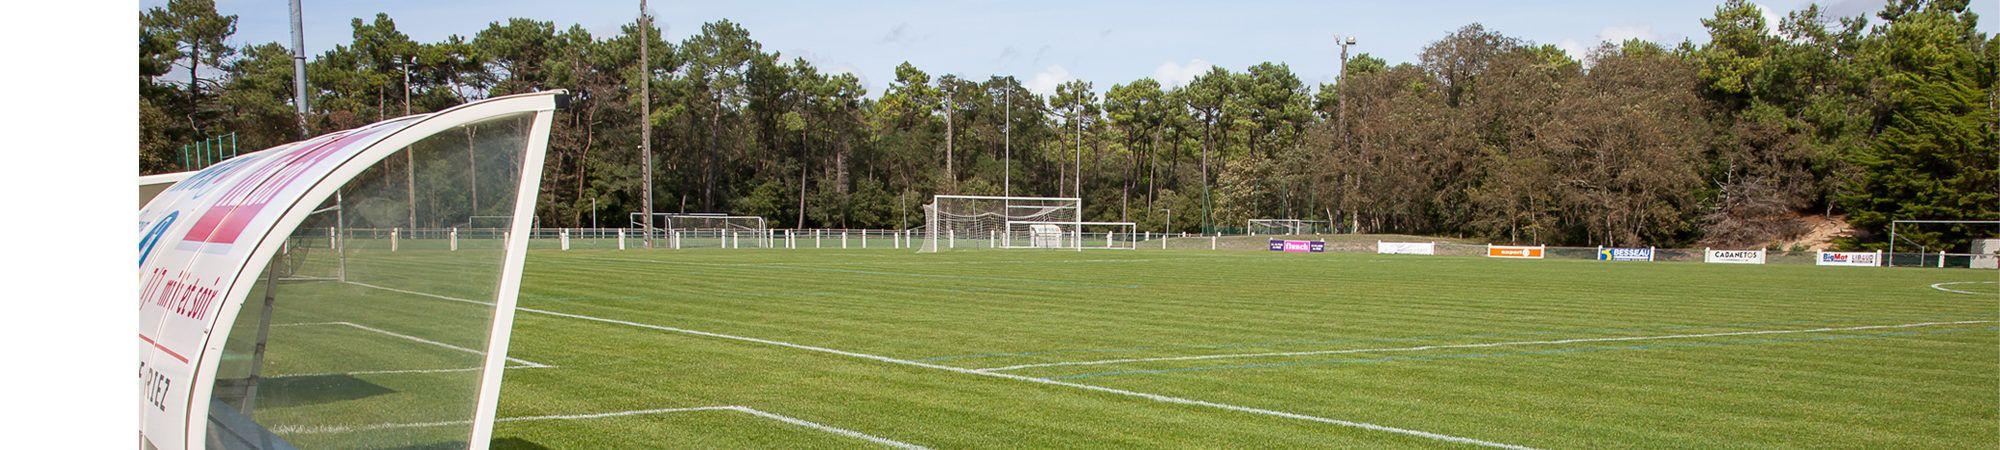 Bandeau de la page 'Stade de la Forêt